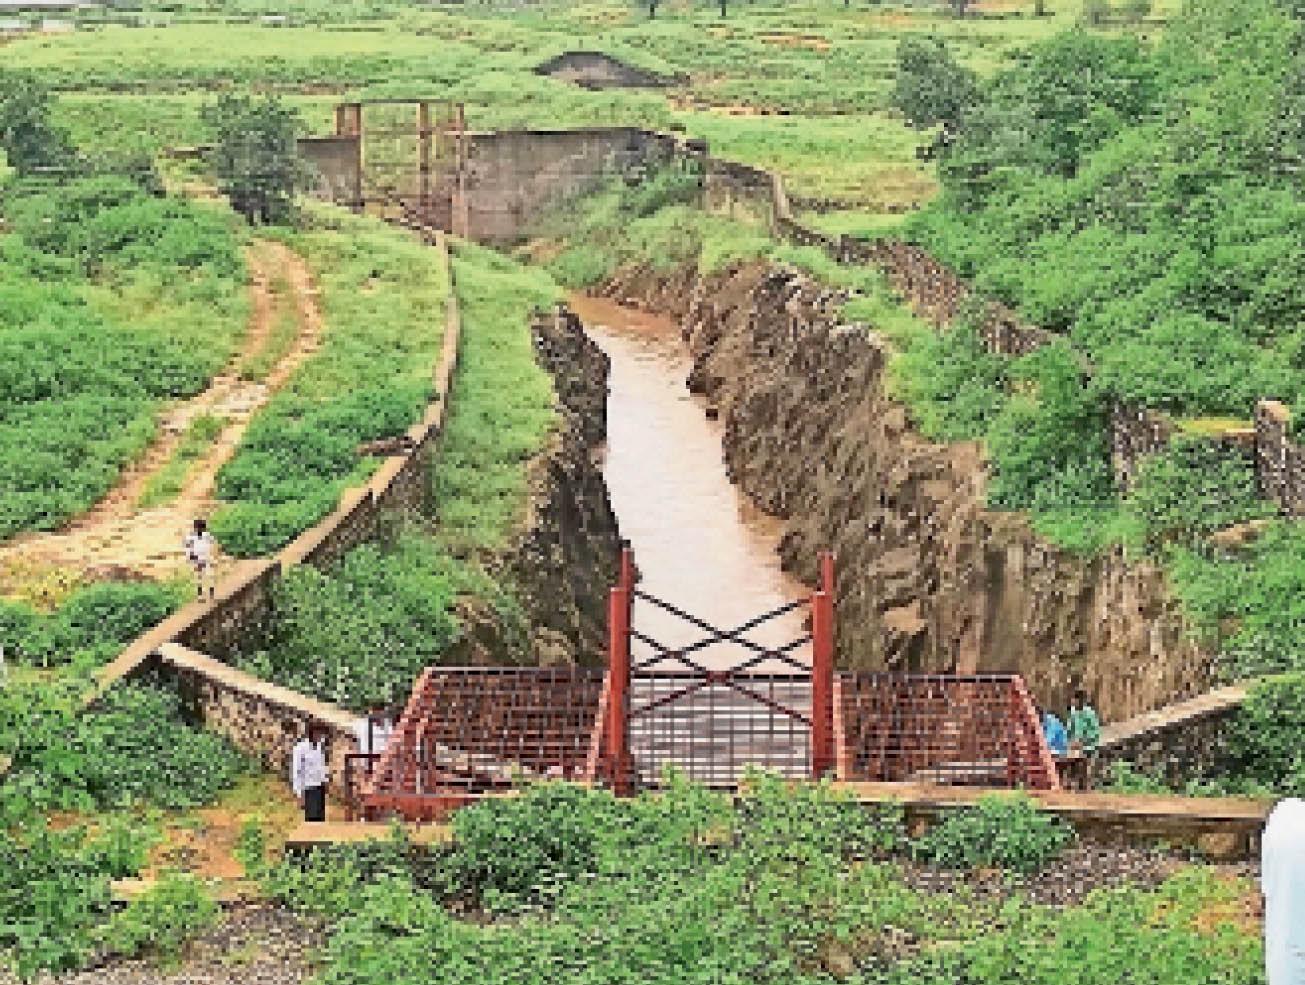 सेई सुरंग का गेट खाेलने के बाद बहता पानी। यह पानी बेड़ा नदी के माध्यम से जवाई में आएगा। - Dainik Bhaskar